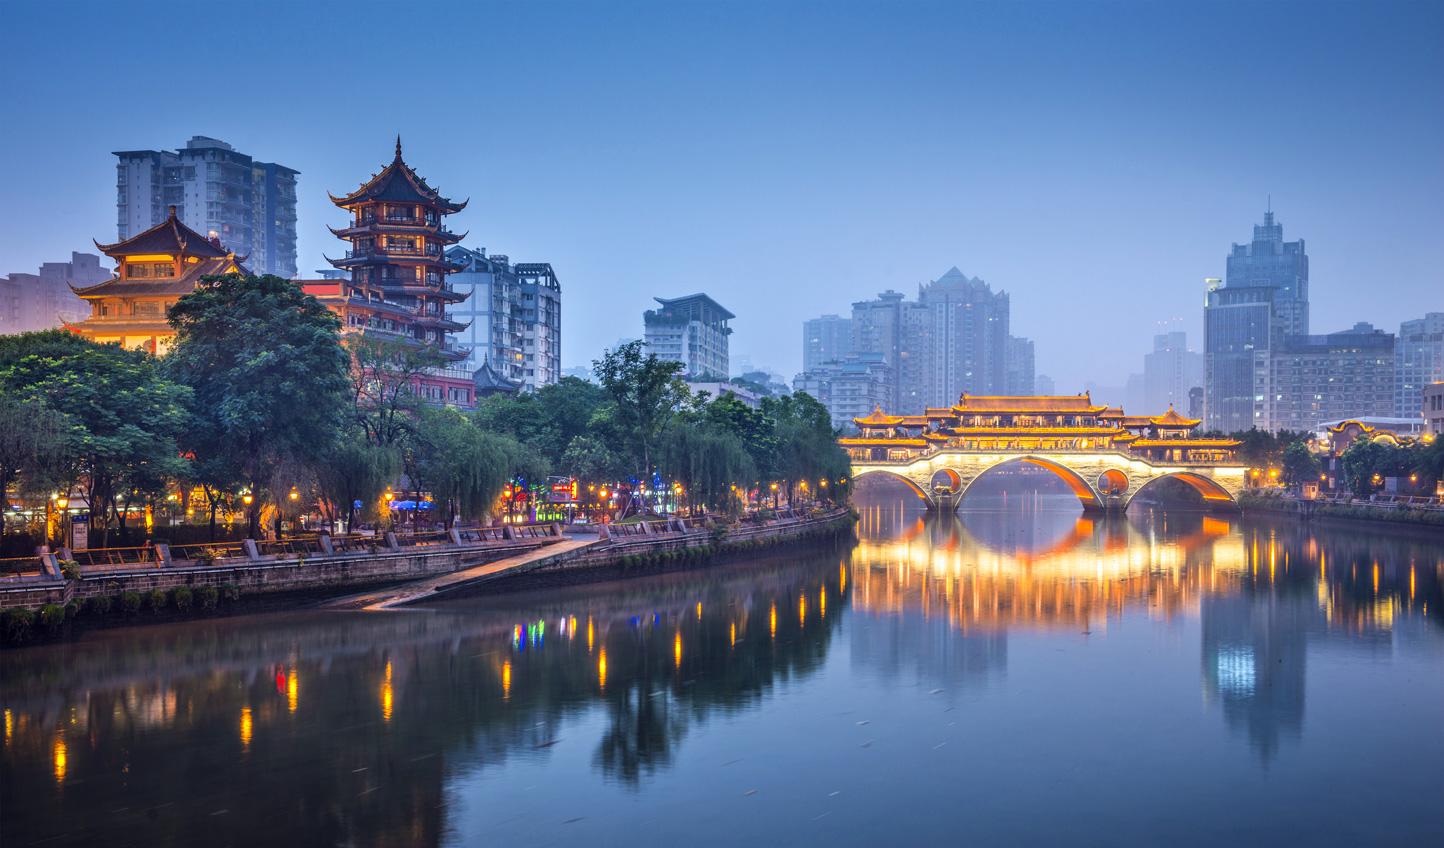 Chengdu-Anshun-Bridge